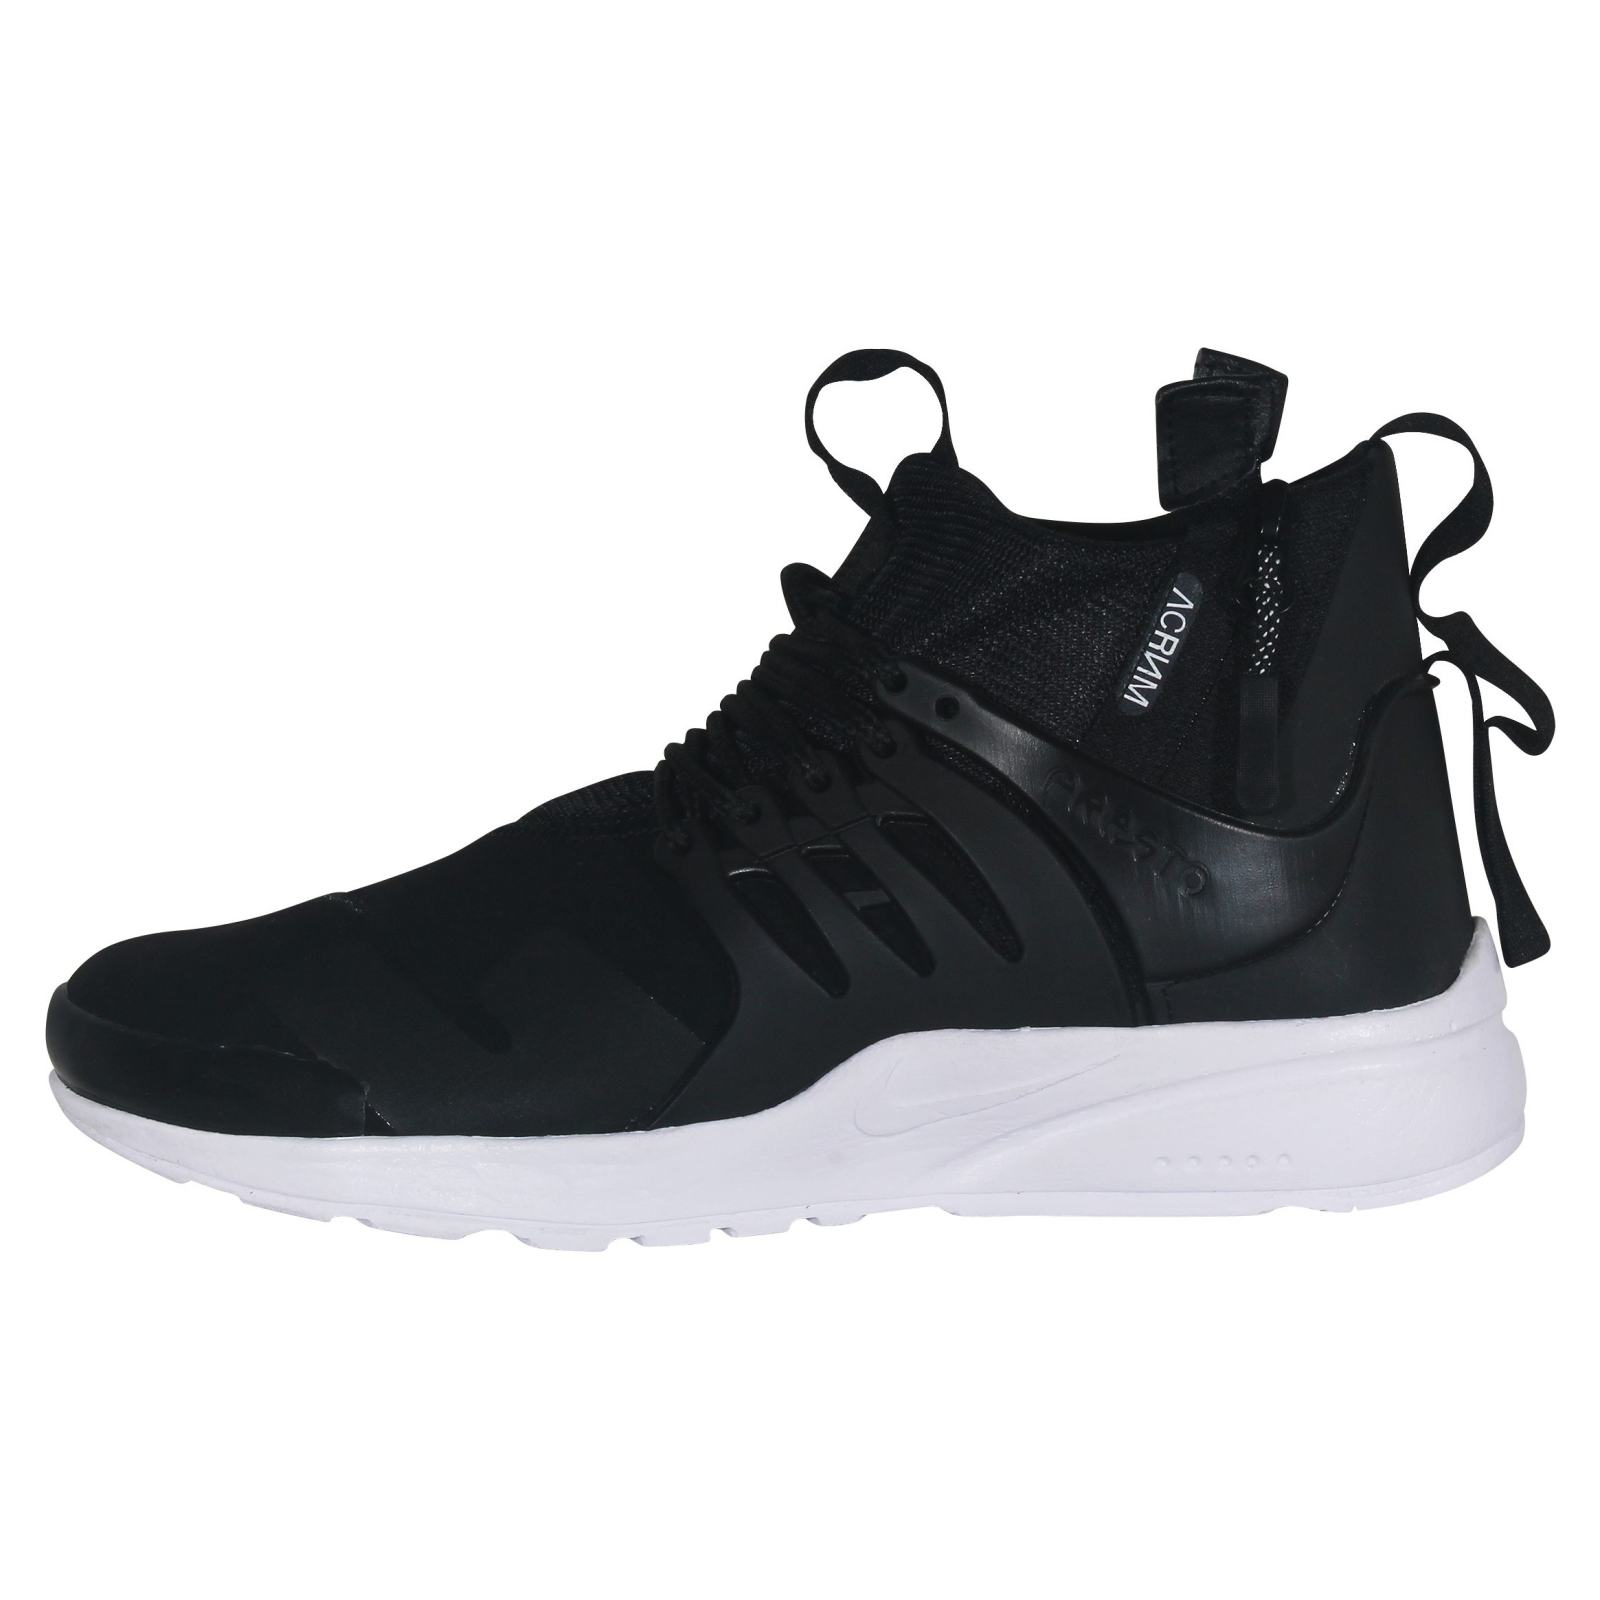 کفش مخصوص پیاده روی مردانه کد 270C main 1 3